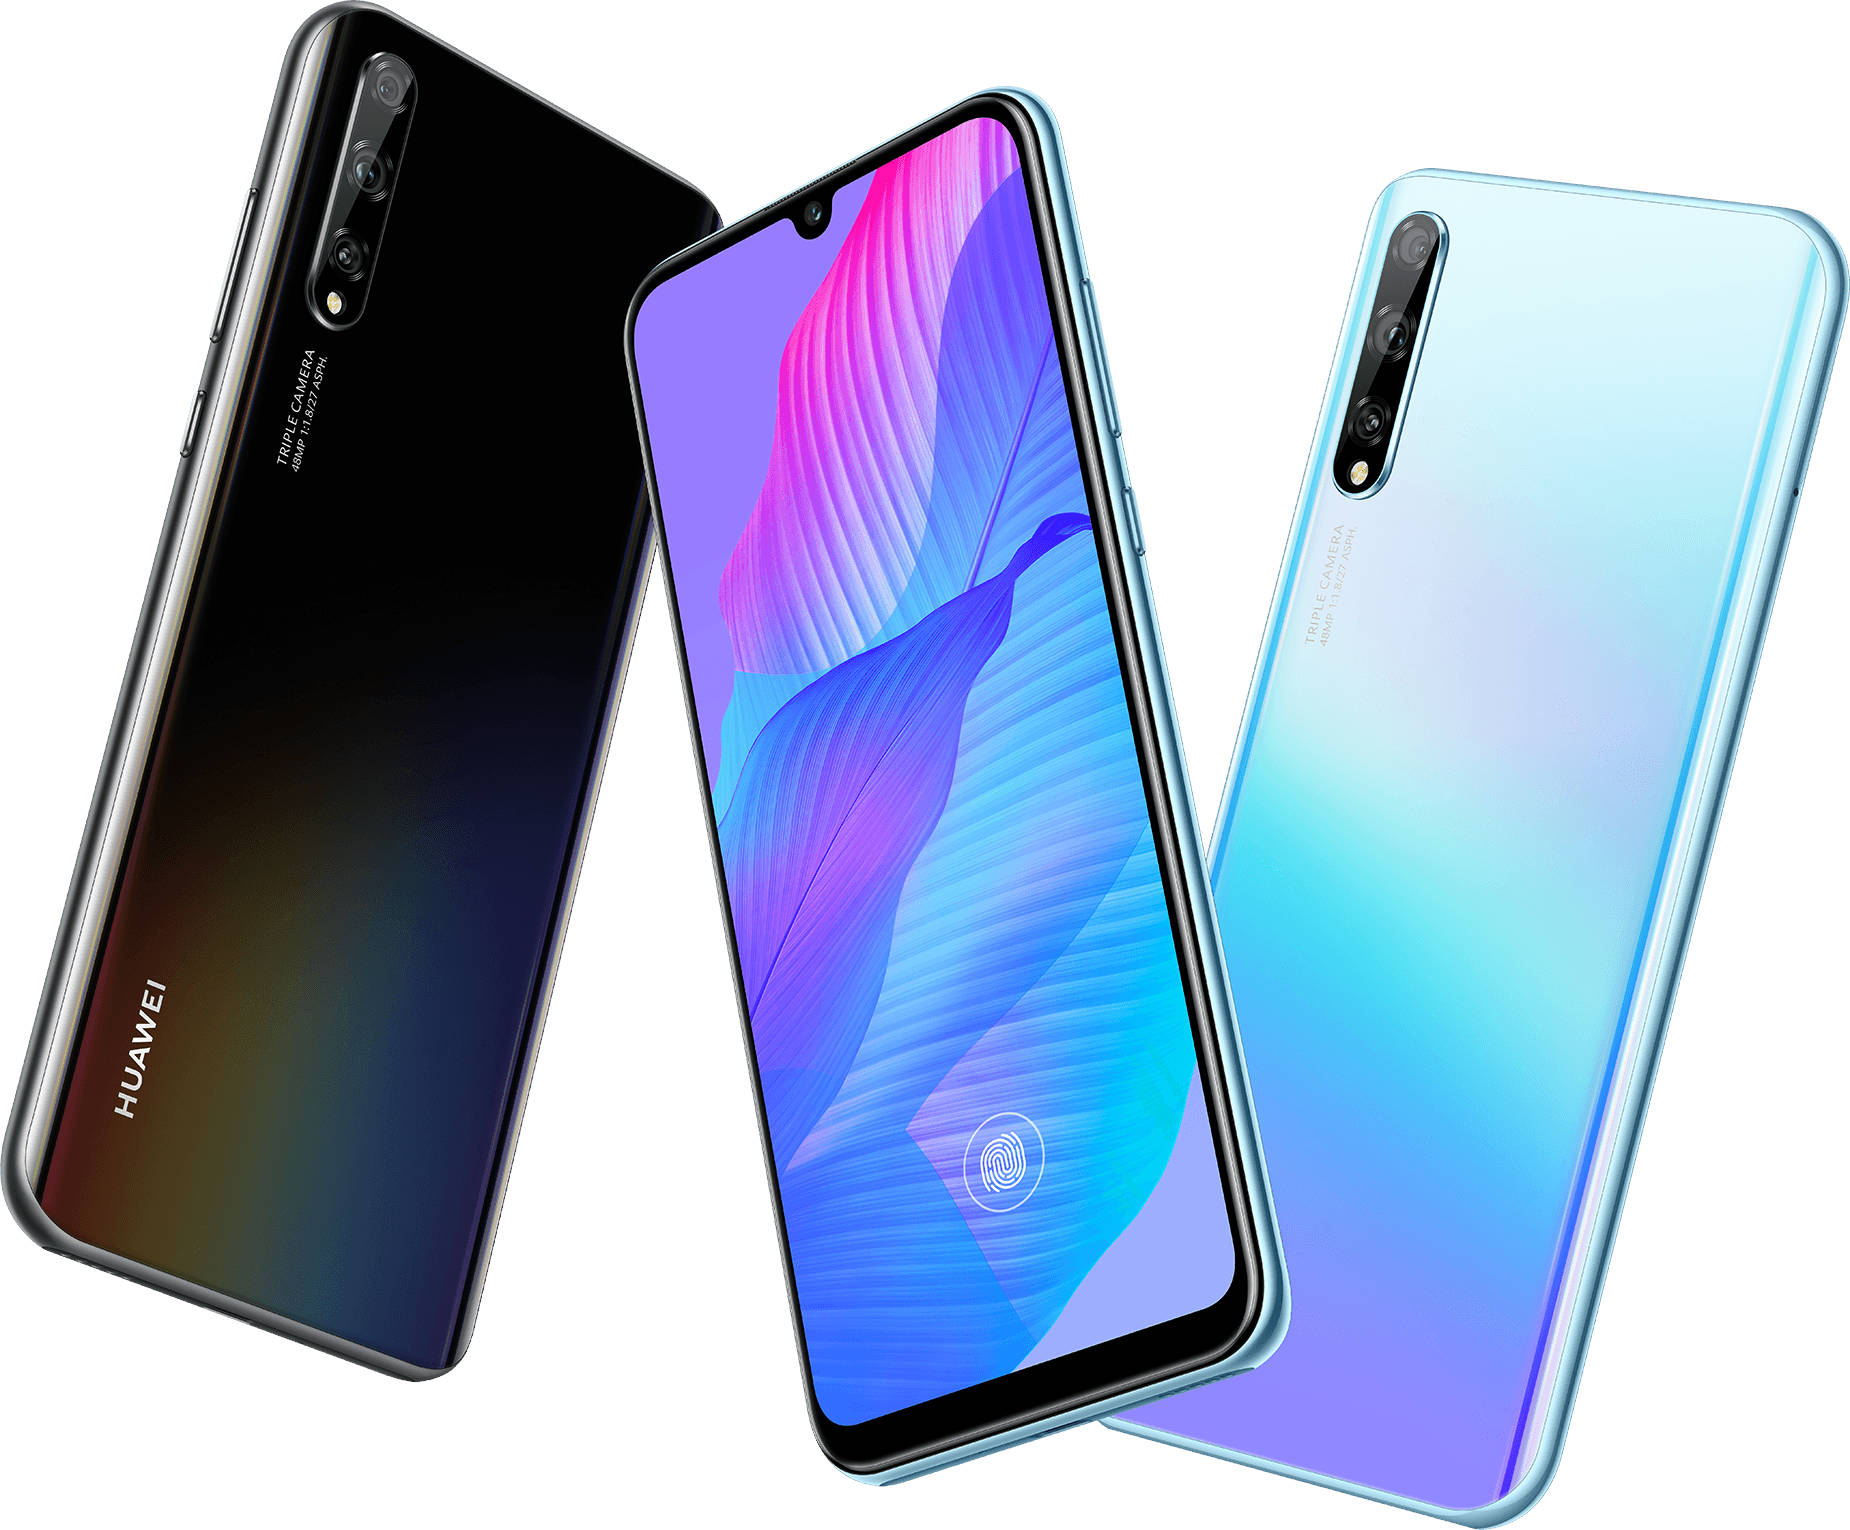 premiera Huawei P Smart S cena specyfikacja dane techniczne opinie gdzie kupić najtaniej w Polsce